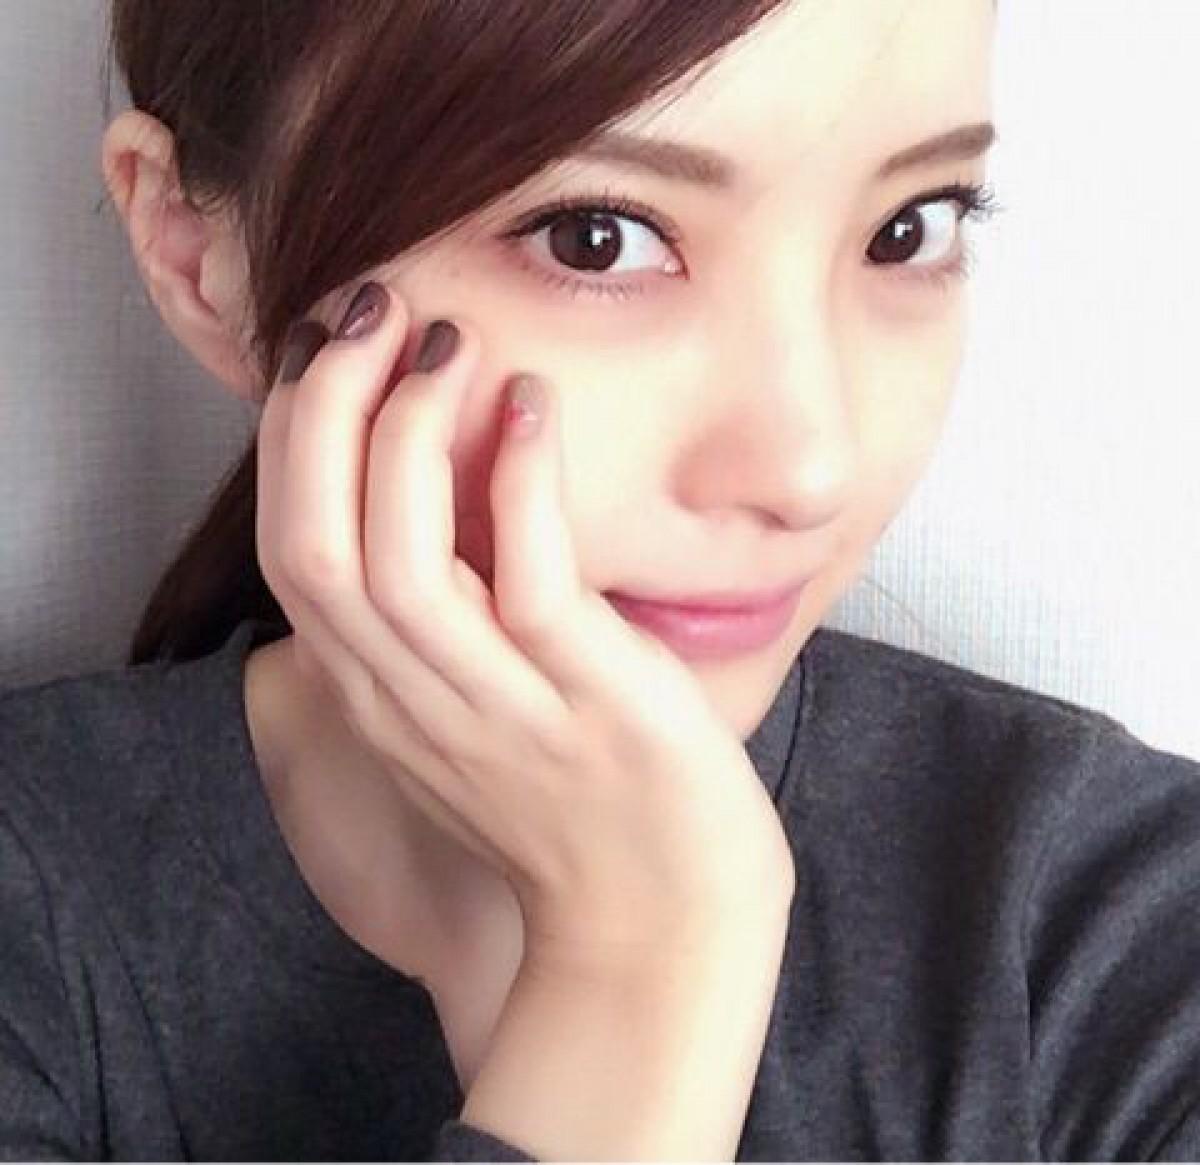 【7/13まで送料無料!】敏感肌向けミネラルシルクファンデーション【ヴァントルテ】口コミ